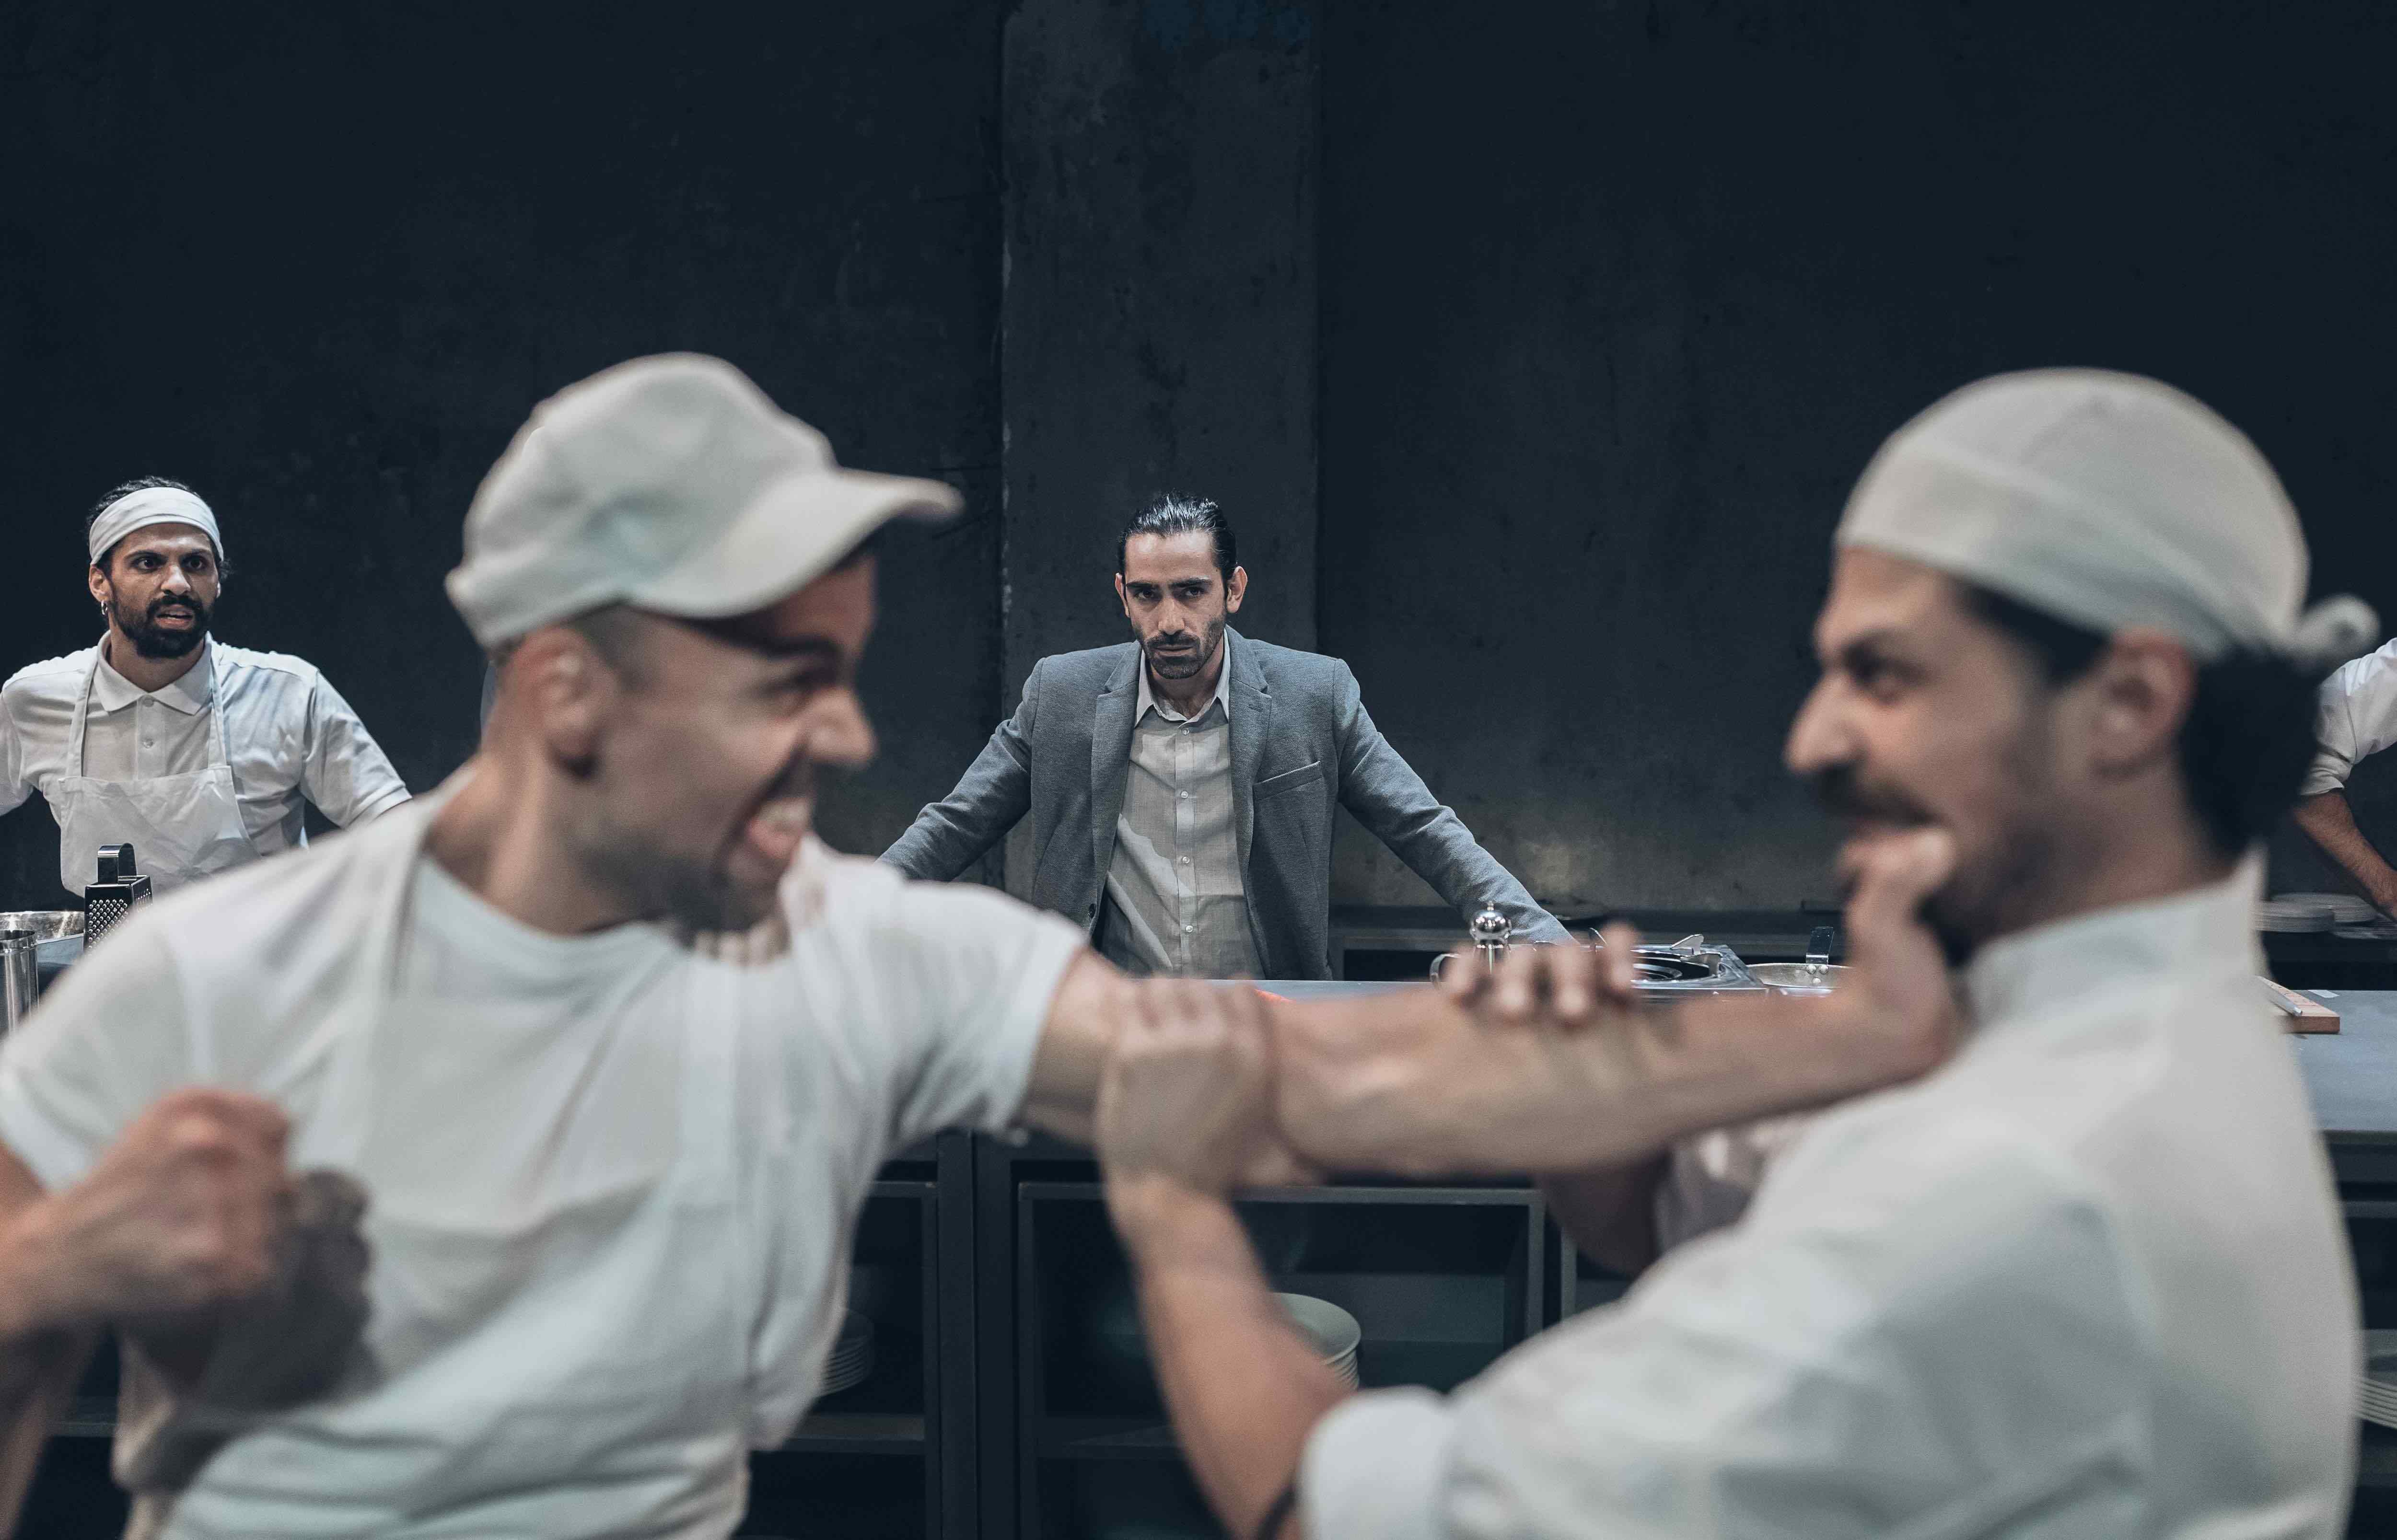 Από 11€ για είσοδο 1 ατόμου στην ''Κουζίνα'', το διάσημο έργο του διακεκριμένου συγγραφέα Arnold Wesker, σε σκηνοθεσία Γιώργου Νανούρη, στο θέατρο Αποθήκη